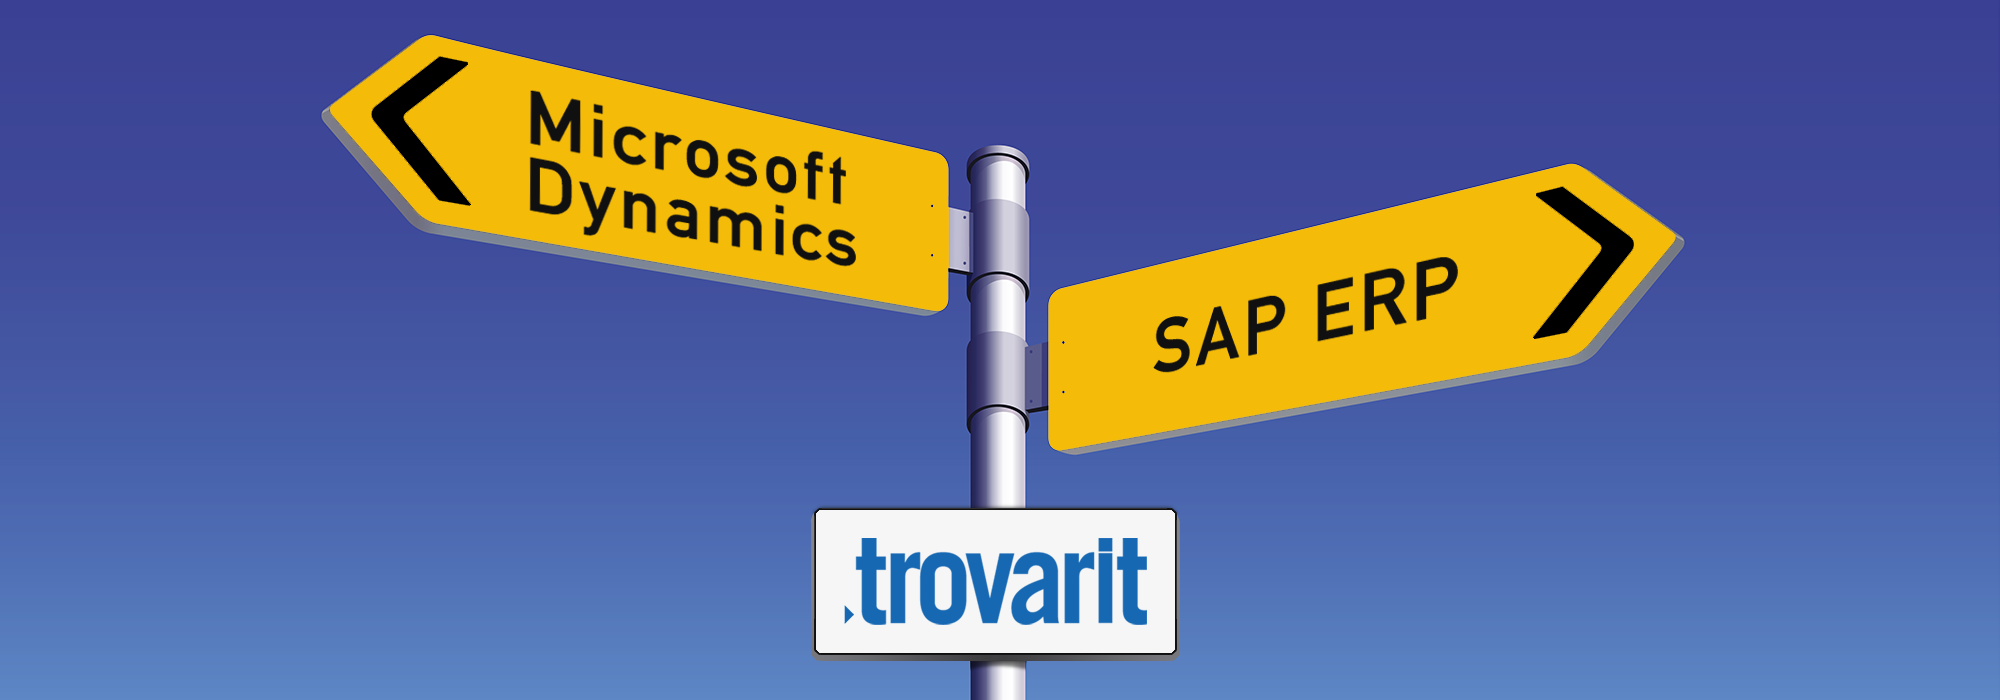 Microsoft Dynamics ERP und SAP ERP: Auswahlberater Trovarit blickt in die Zukunft im Webinar